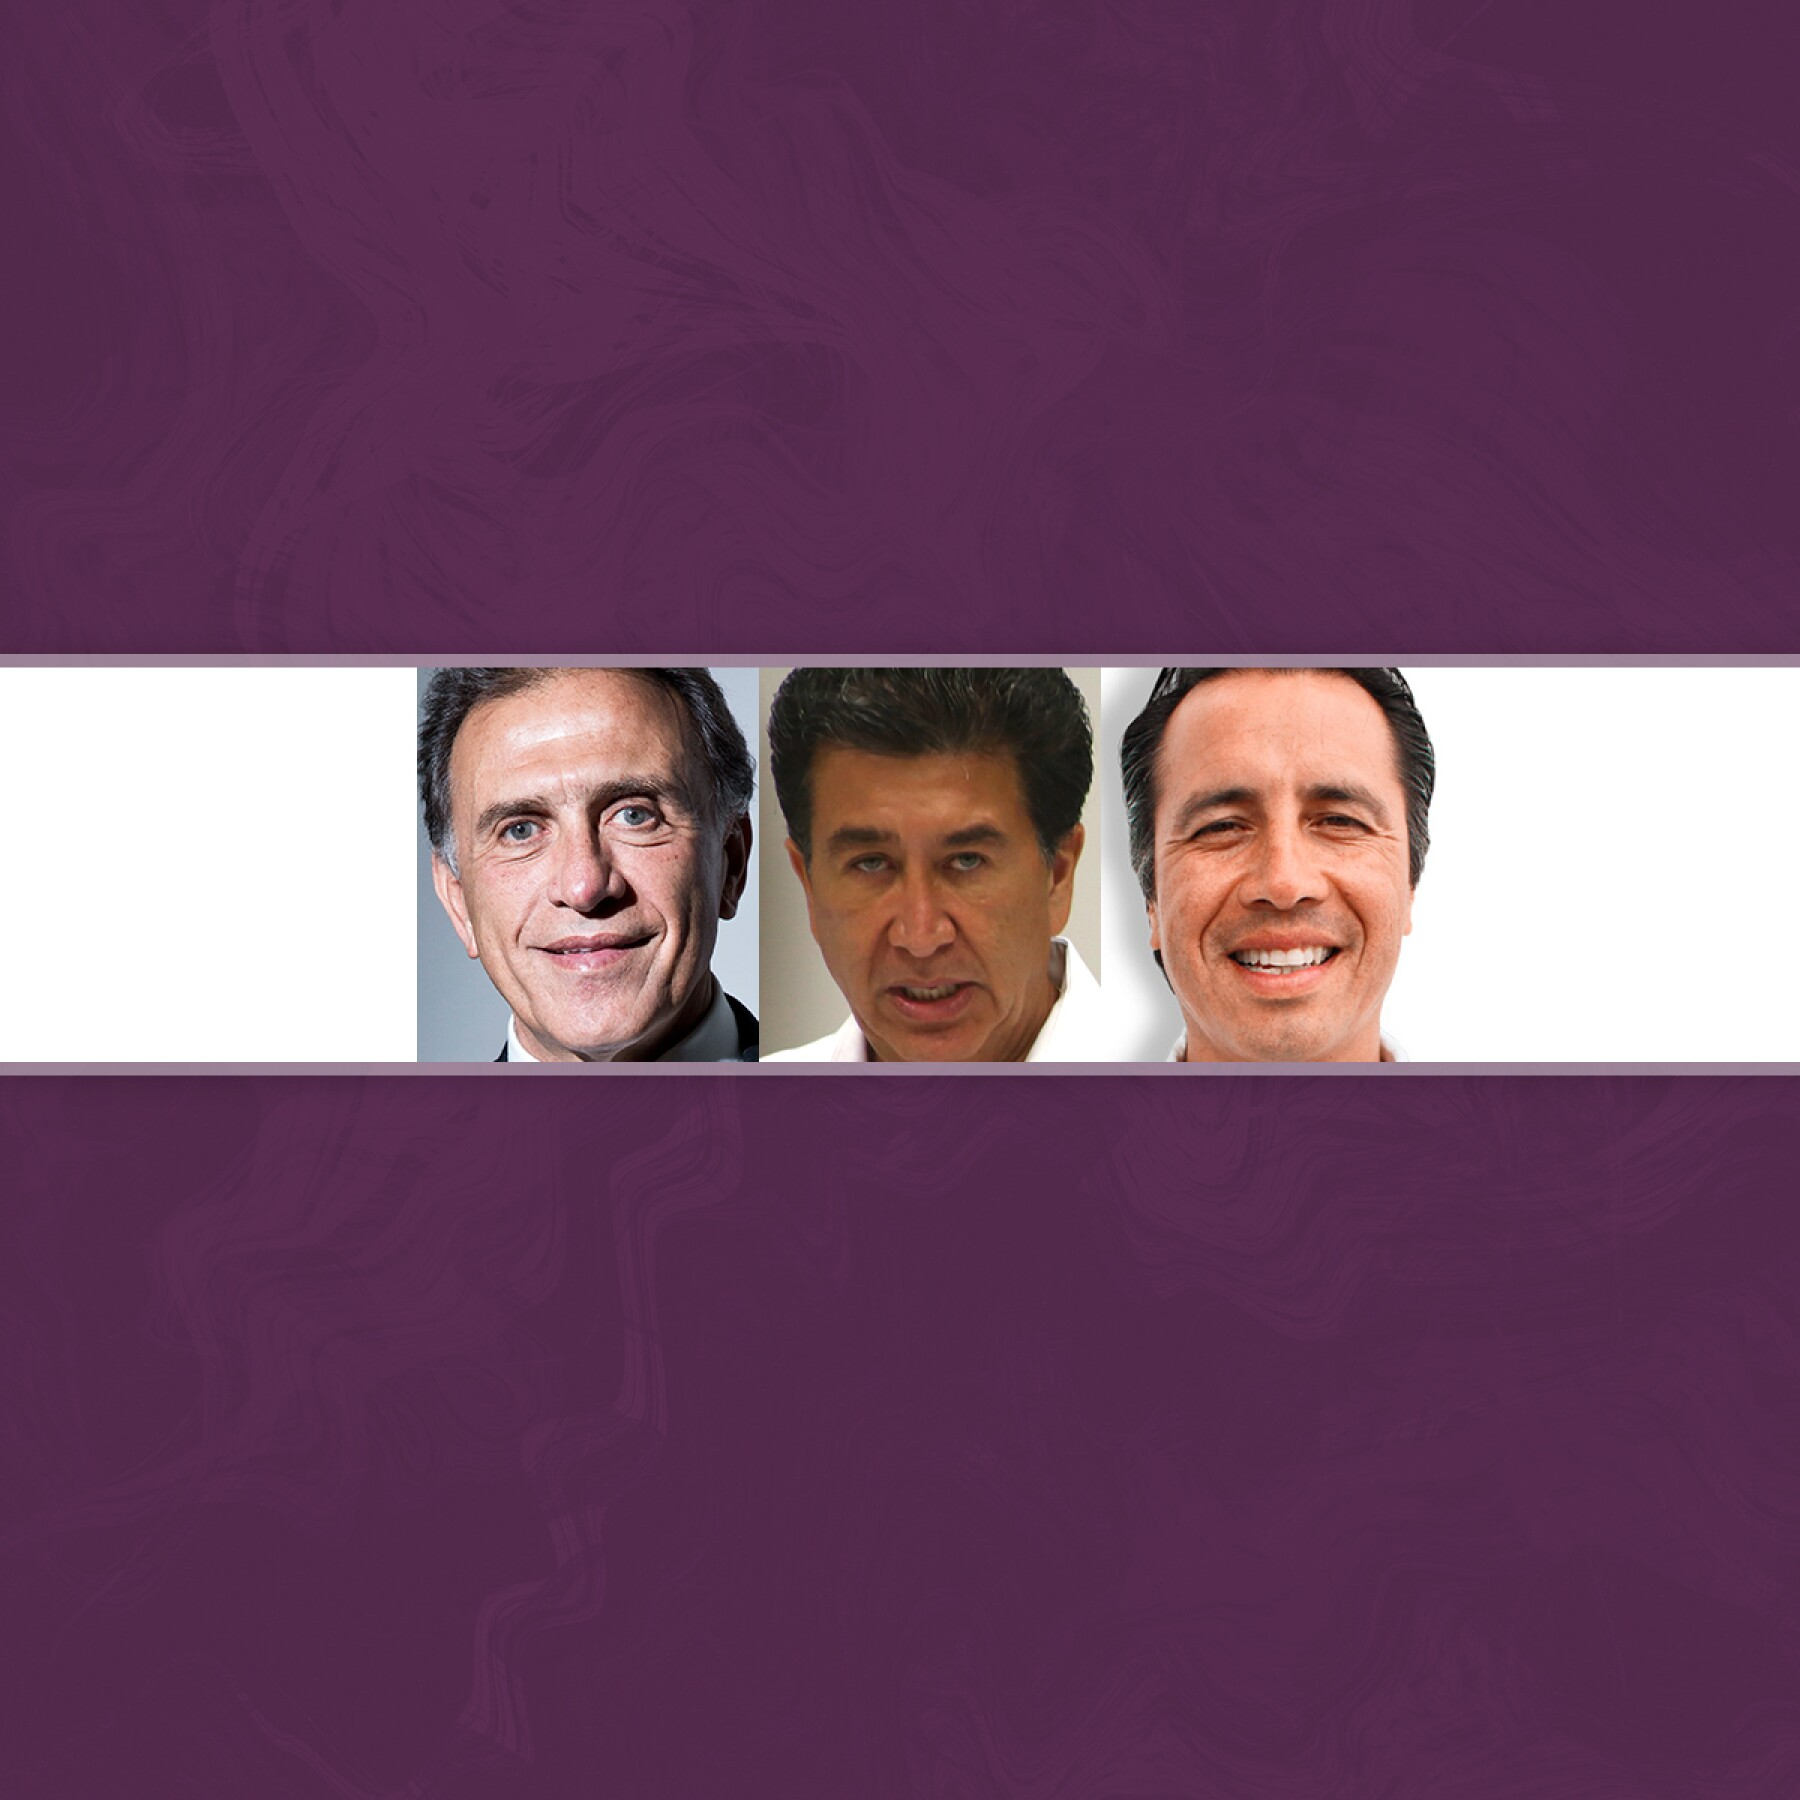 Miguel Ángel Yunes, Héctor Yunes y Cuitláhuac García.